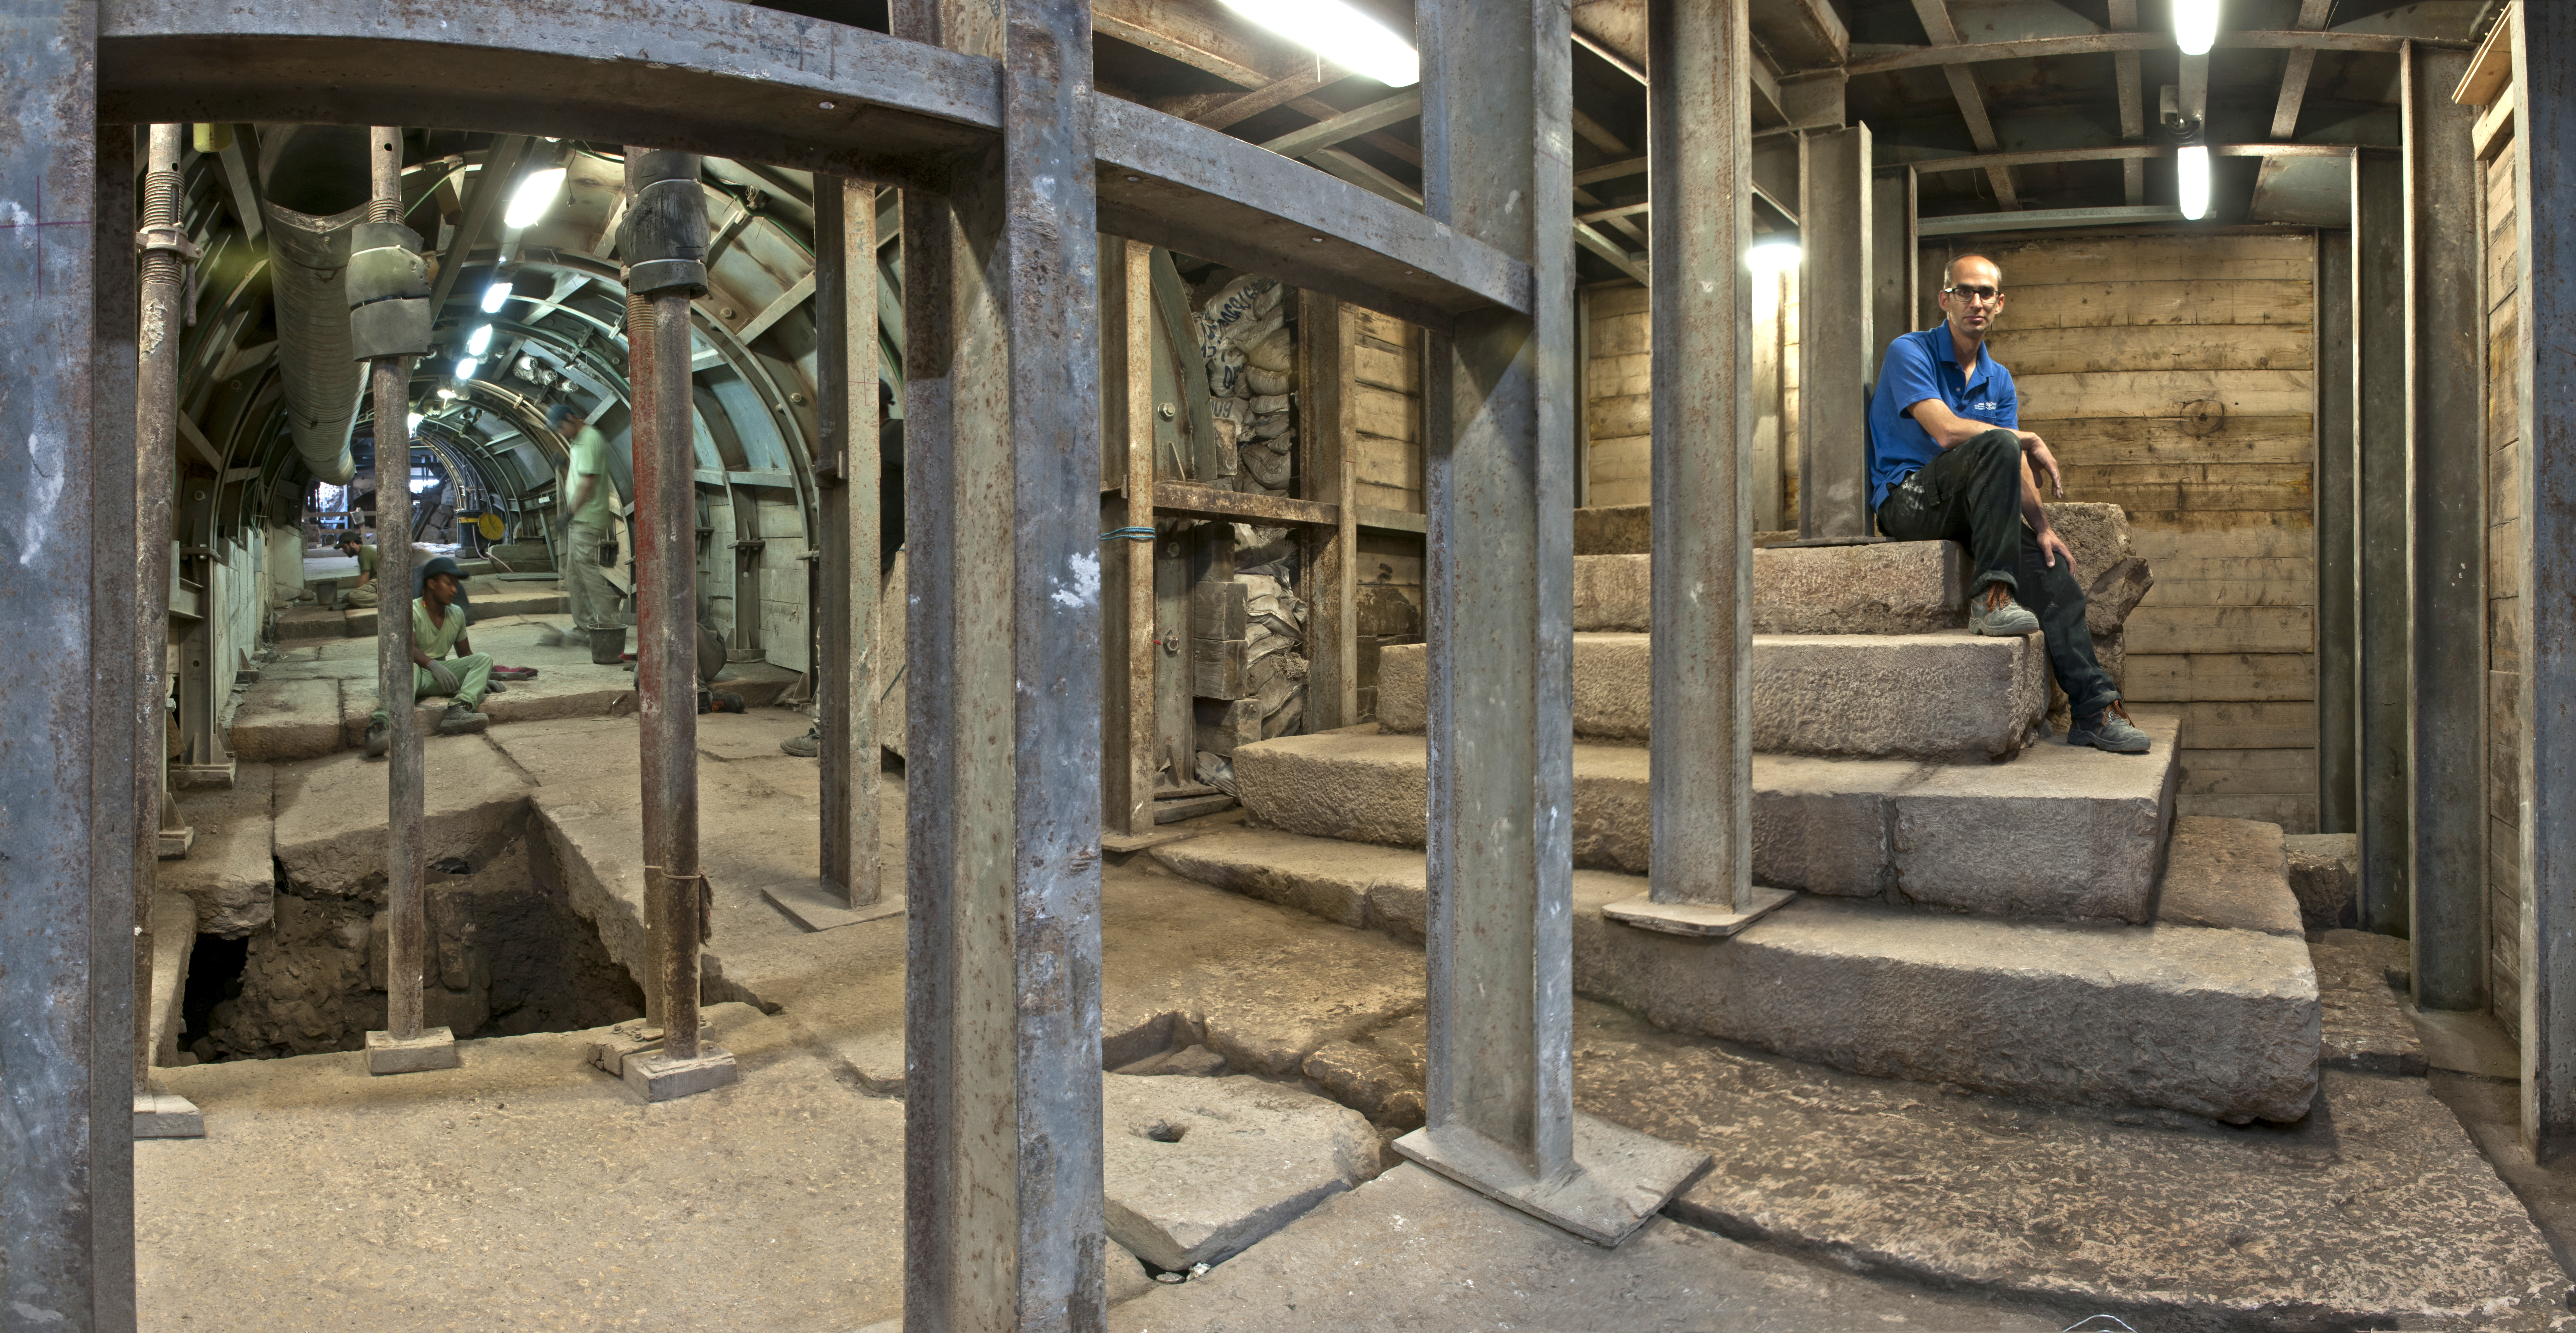 """ד""""ר ג'ו עוזיאל, ממנהלי החפירה מטעם רשות העתיקות, יושב על """"פודיום"""" - במת מדרגות ייחודית שנבנתה לצד הרחוב. צילום: שי הלוי"""